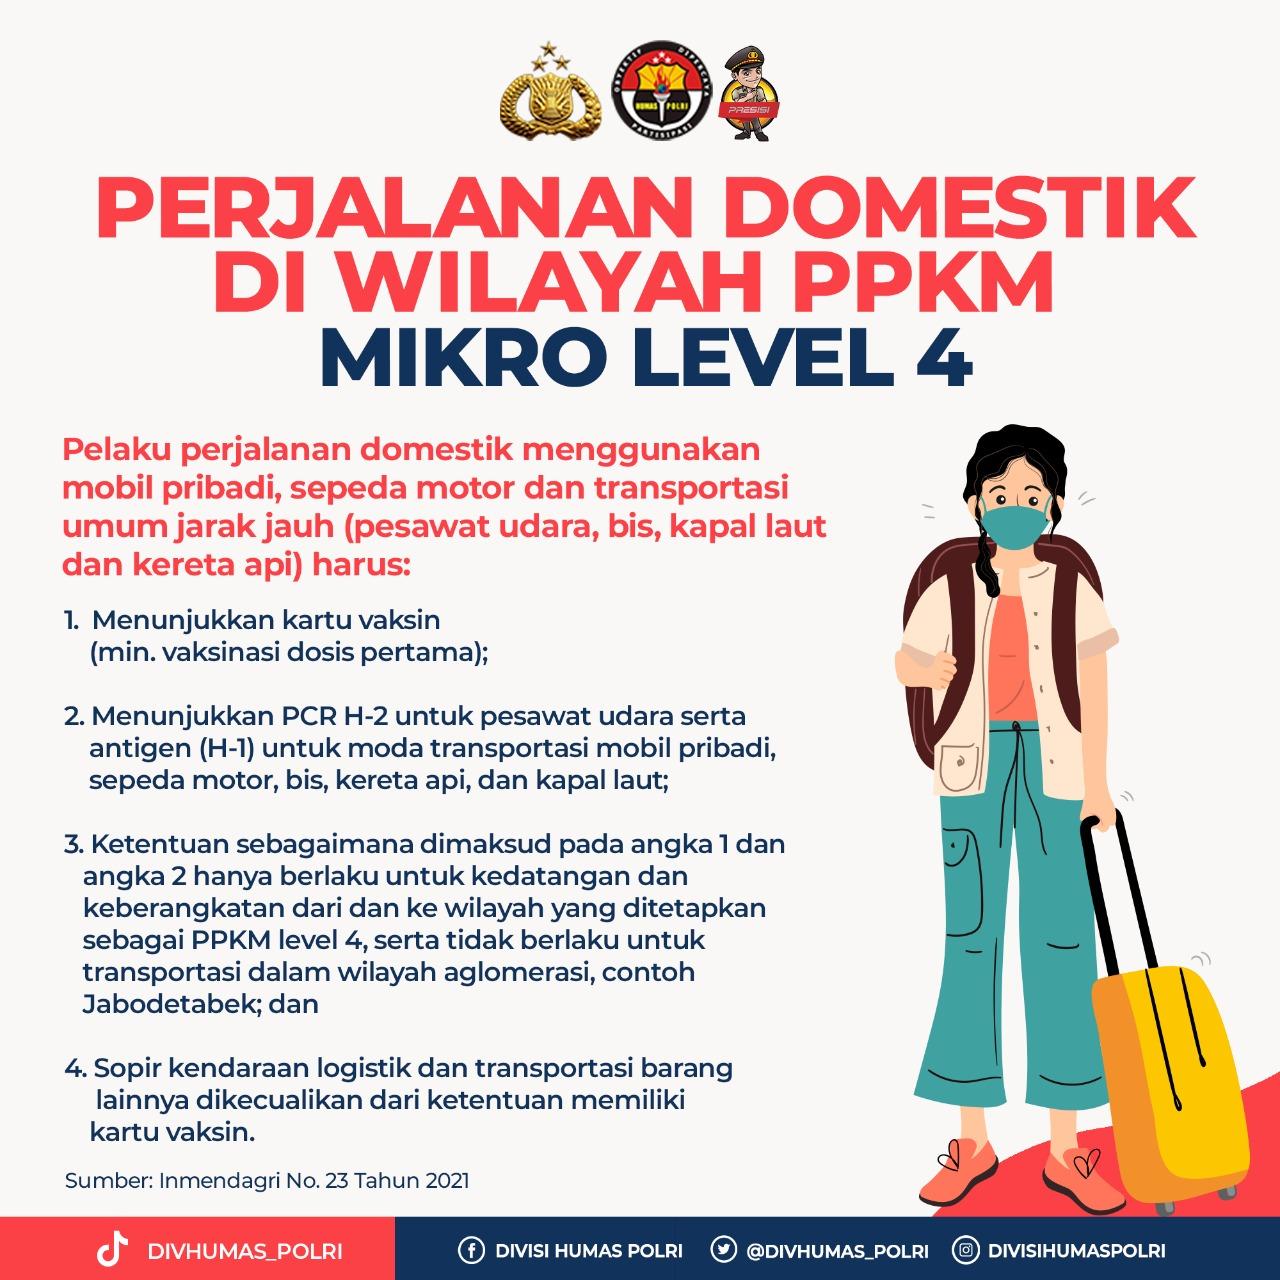 Aturan Perjalanan di Wilayah PPKM Mikro Level 4